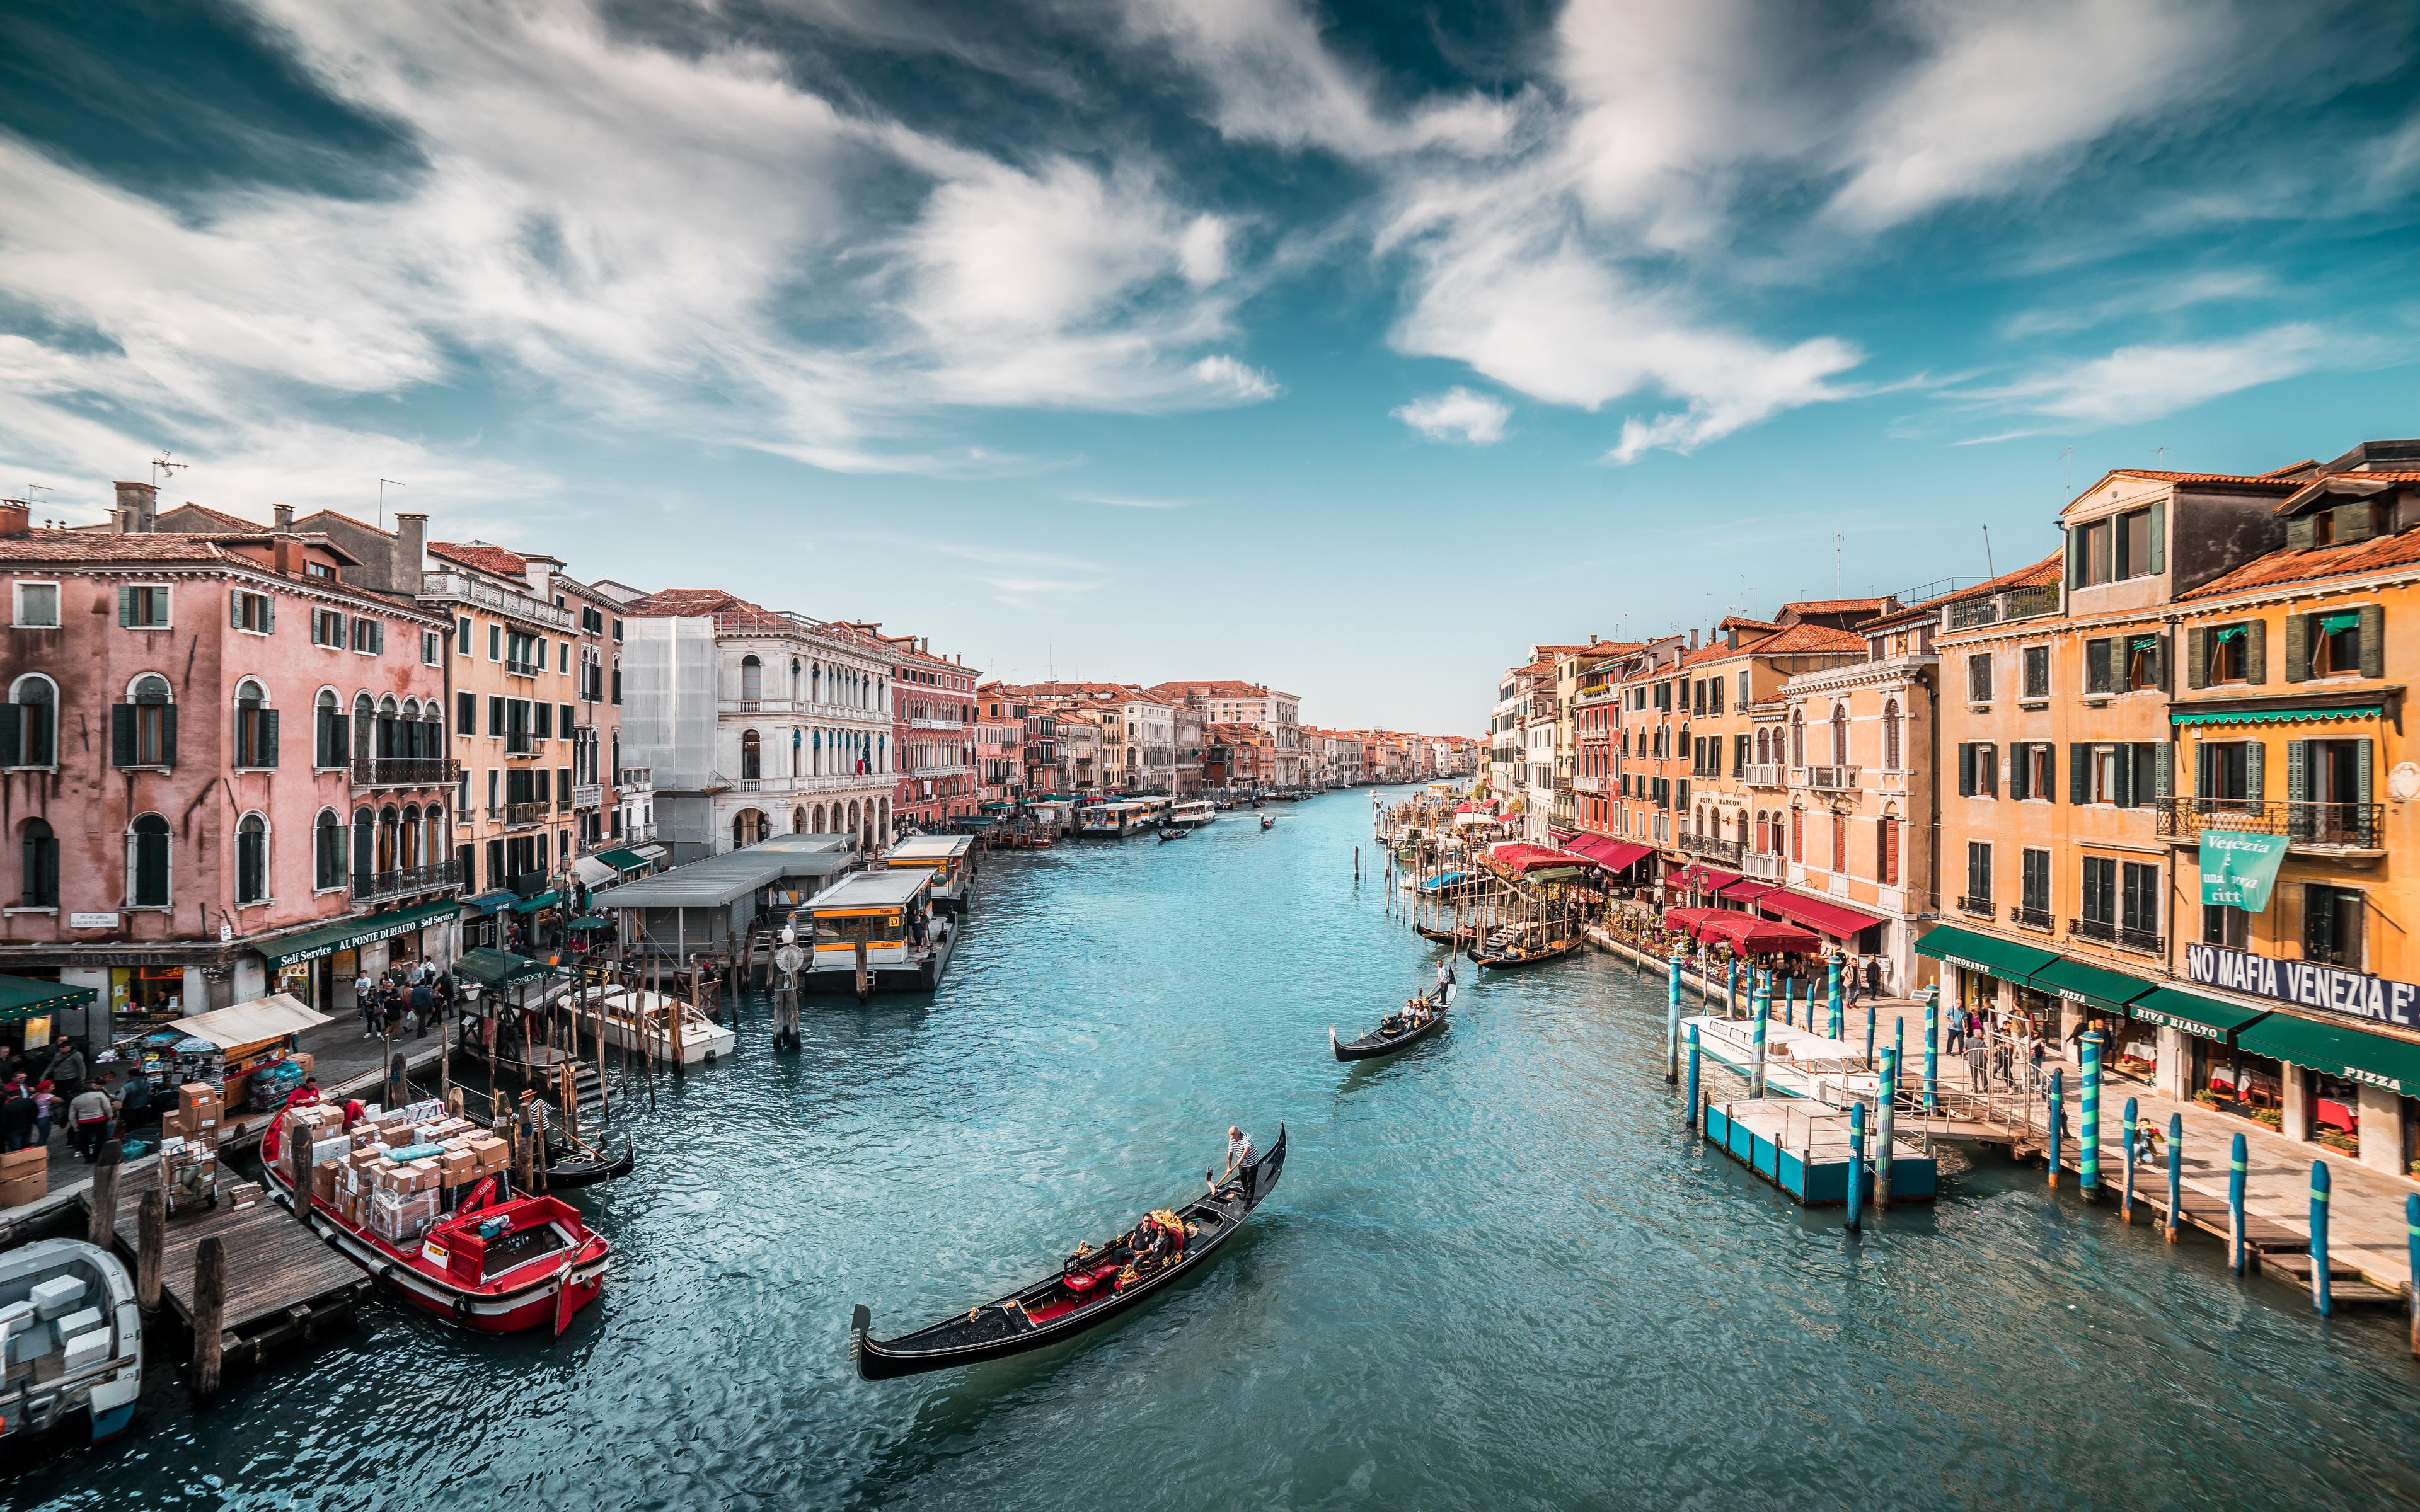 italy-boats-venice-canal-5k-a0.jpg